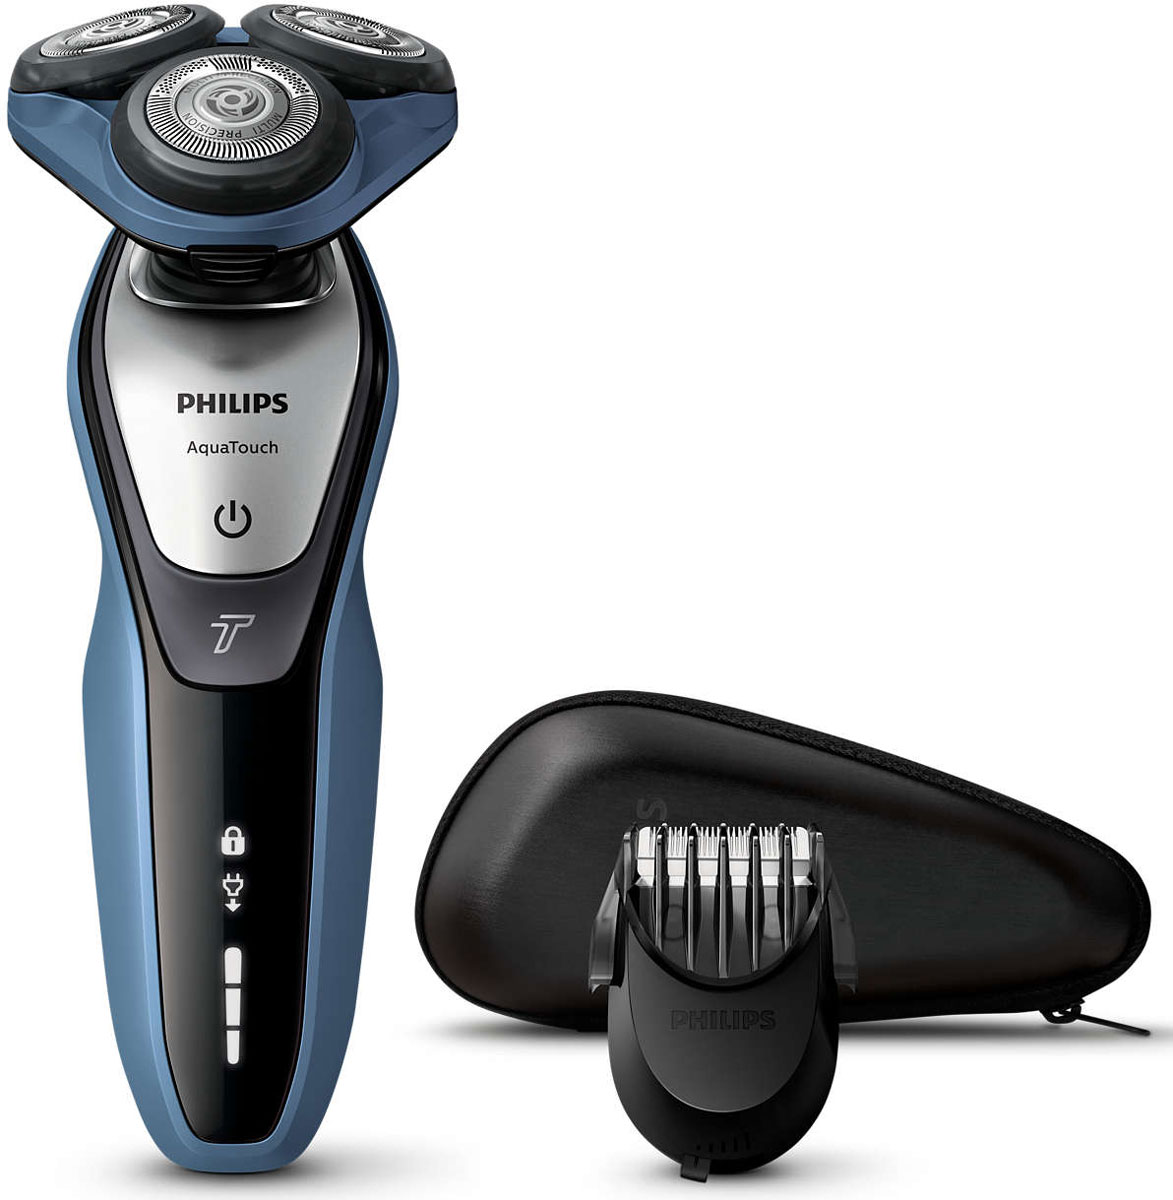 Philips S5620/41 электробритваS5620/41Бритва Philips S 5620/41 обеспечивает освежающее бритье и защищает кожу. Система лезвий MultiPrecision с закругленными краями бритвенных головок легко скользит по коже для бережного и безопасного бритья. Система лезвий MultiPrecision с закругленными краями бритвенных головок легко скользит по коже для бережного и безопасного бритья. Уплотнение Aquatec позволяет выбирать наиболее комфортный способ бритья: быстрое и комфортное сухое бритье или влажное бритье с использованием геля или пены. Вы можете использовать прибор даже в душе.Еще более быстрое бритье даже густой бороды благодаря режиму Turbo — мощность выше на 10 %. Система лезвий MultiPrecision в несколько движений приподнимает и срезает волоски и щетину. Головки Flex двигаются независимо друг от друга в 5 направлениях. Это гарантирует оптимальный контакт с кожей для быстрого и гладкого бритья даже на шее и подбородке.Измените свой образ с помощью насадки-стайлера SmartClick для бороды. 5 установок длины на выбор подходят для создания идеальной щетины или моделирования аккуратной короткой бороды. Закругленные кончики и гребни предотвращают появление раздражения. Один цикл зарядки обеспечивает от 50 минут автономной работы или примерно 17 сеансов бритья. Бритва Philips S 5620/41 работает только в беспроводном режиме.Мощный энергоэффективный и долговечный литий-ионный аккумулятор обеспечивает долгое время работы бритвы после каждой зарядки. Быстрой зарядки в течение 5 минут хватает для проведения одного сеанса бритья. Система двойных лезвий Super Lift & Cut обеспечивает идеально чистое и гладкое бритье. Первое лезвие приподнимает волоски, а второе — аккуратно срезает их у самого основания.На интуитивно понятном дисплее отображается вся необходимая информация, что позволяет в полной мере использовать все возможности вашей бритвы: трехуровневый индикатор аккумулятора, индикатор очистки, индикатор низкого заряда аккумулятора, индикатор сменной головки, индикатор дорожной блокиров